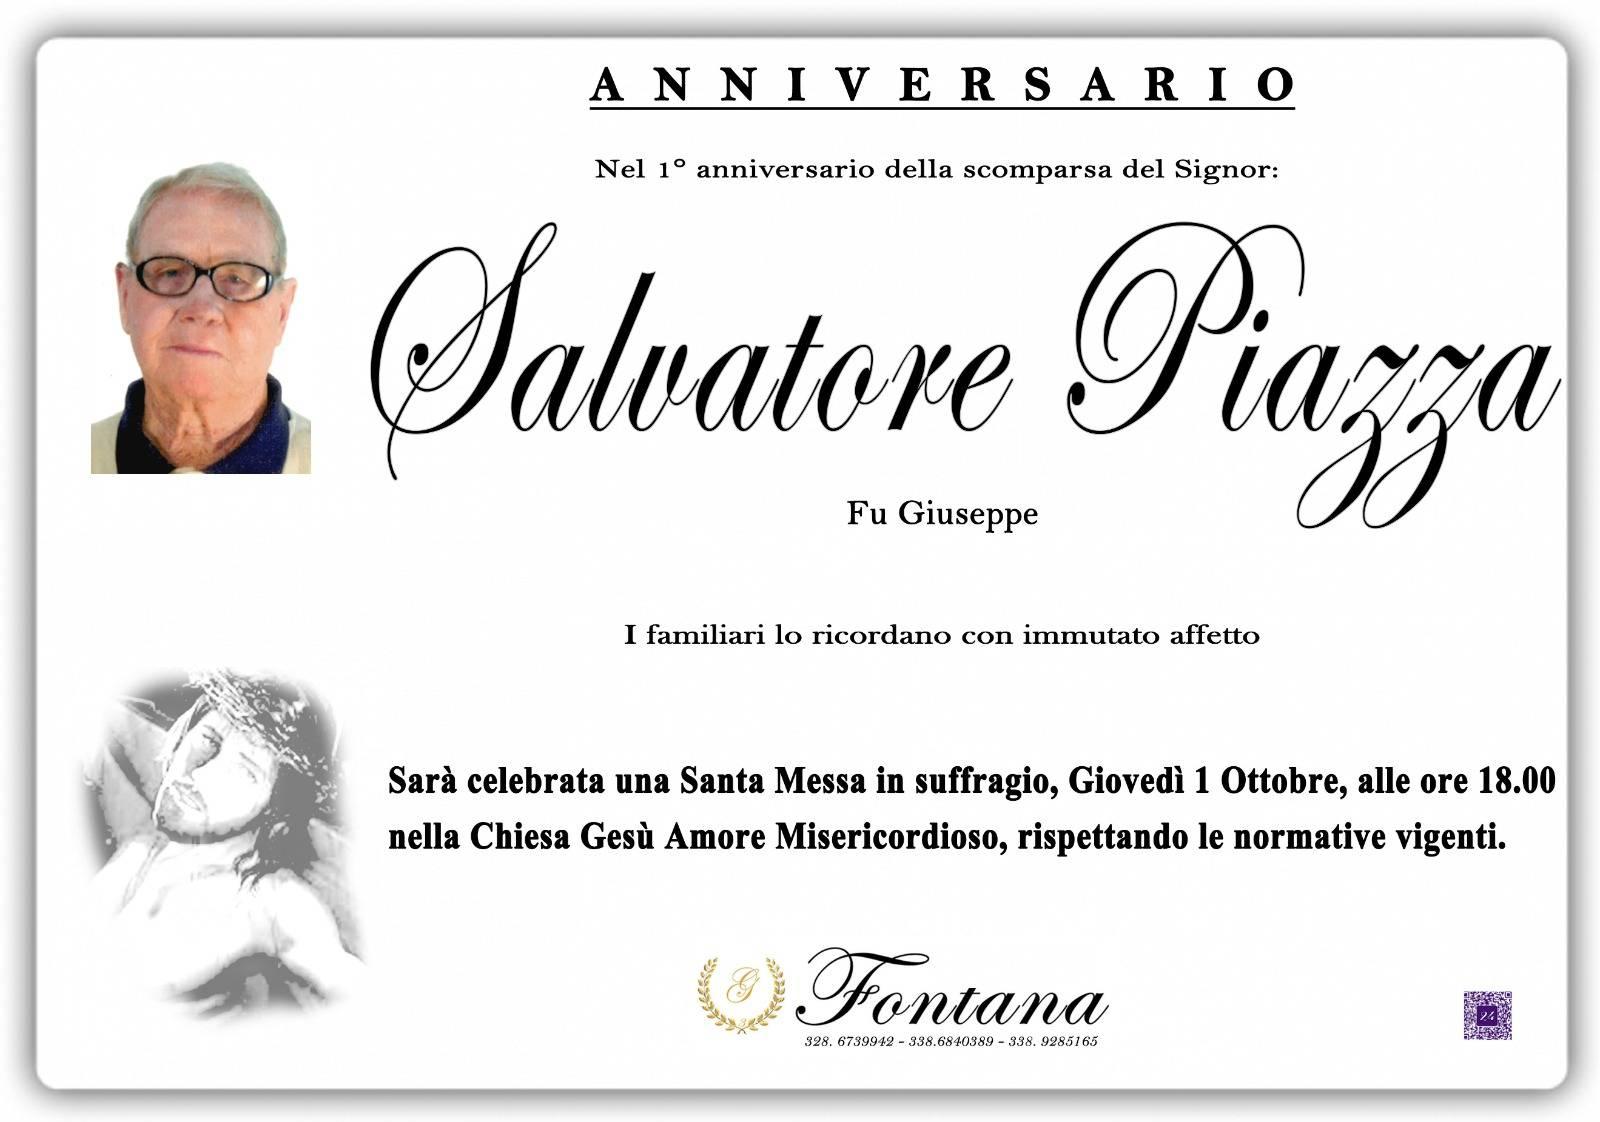 Salvatore Piazza